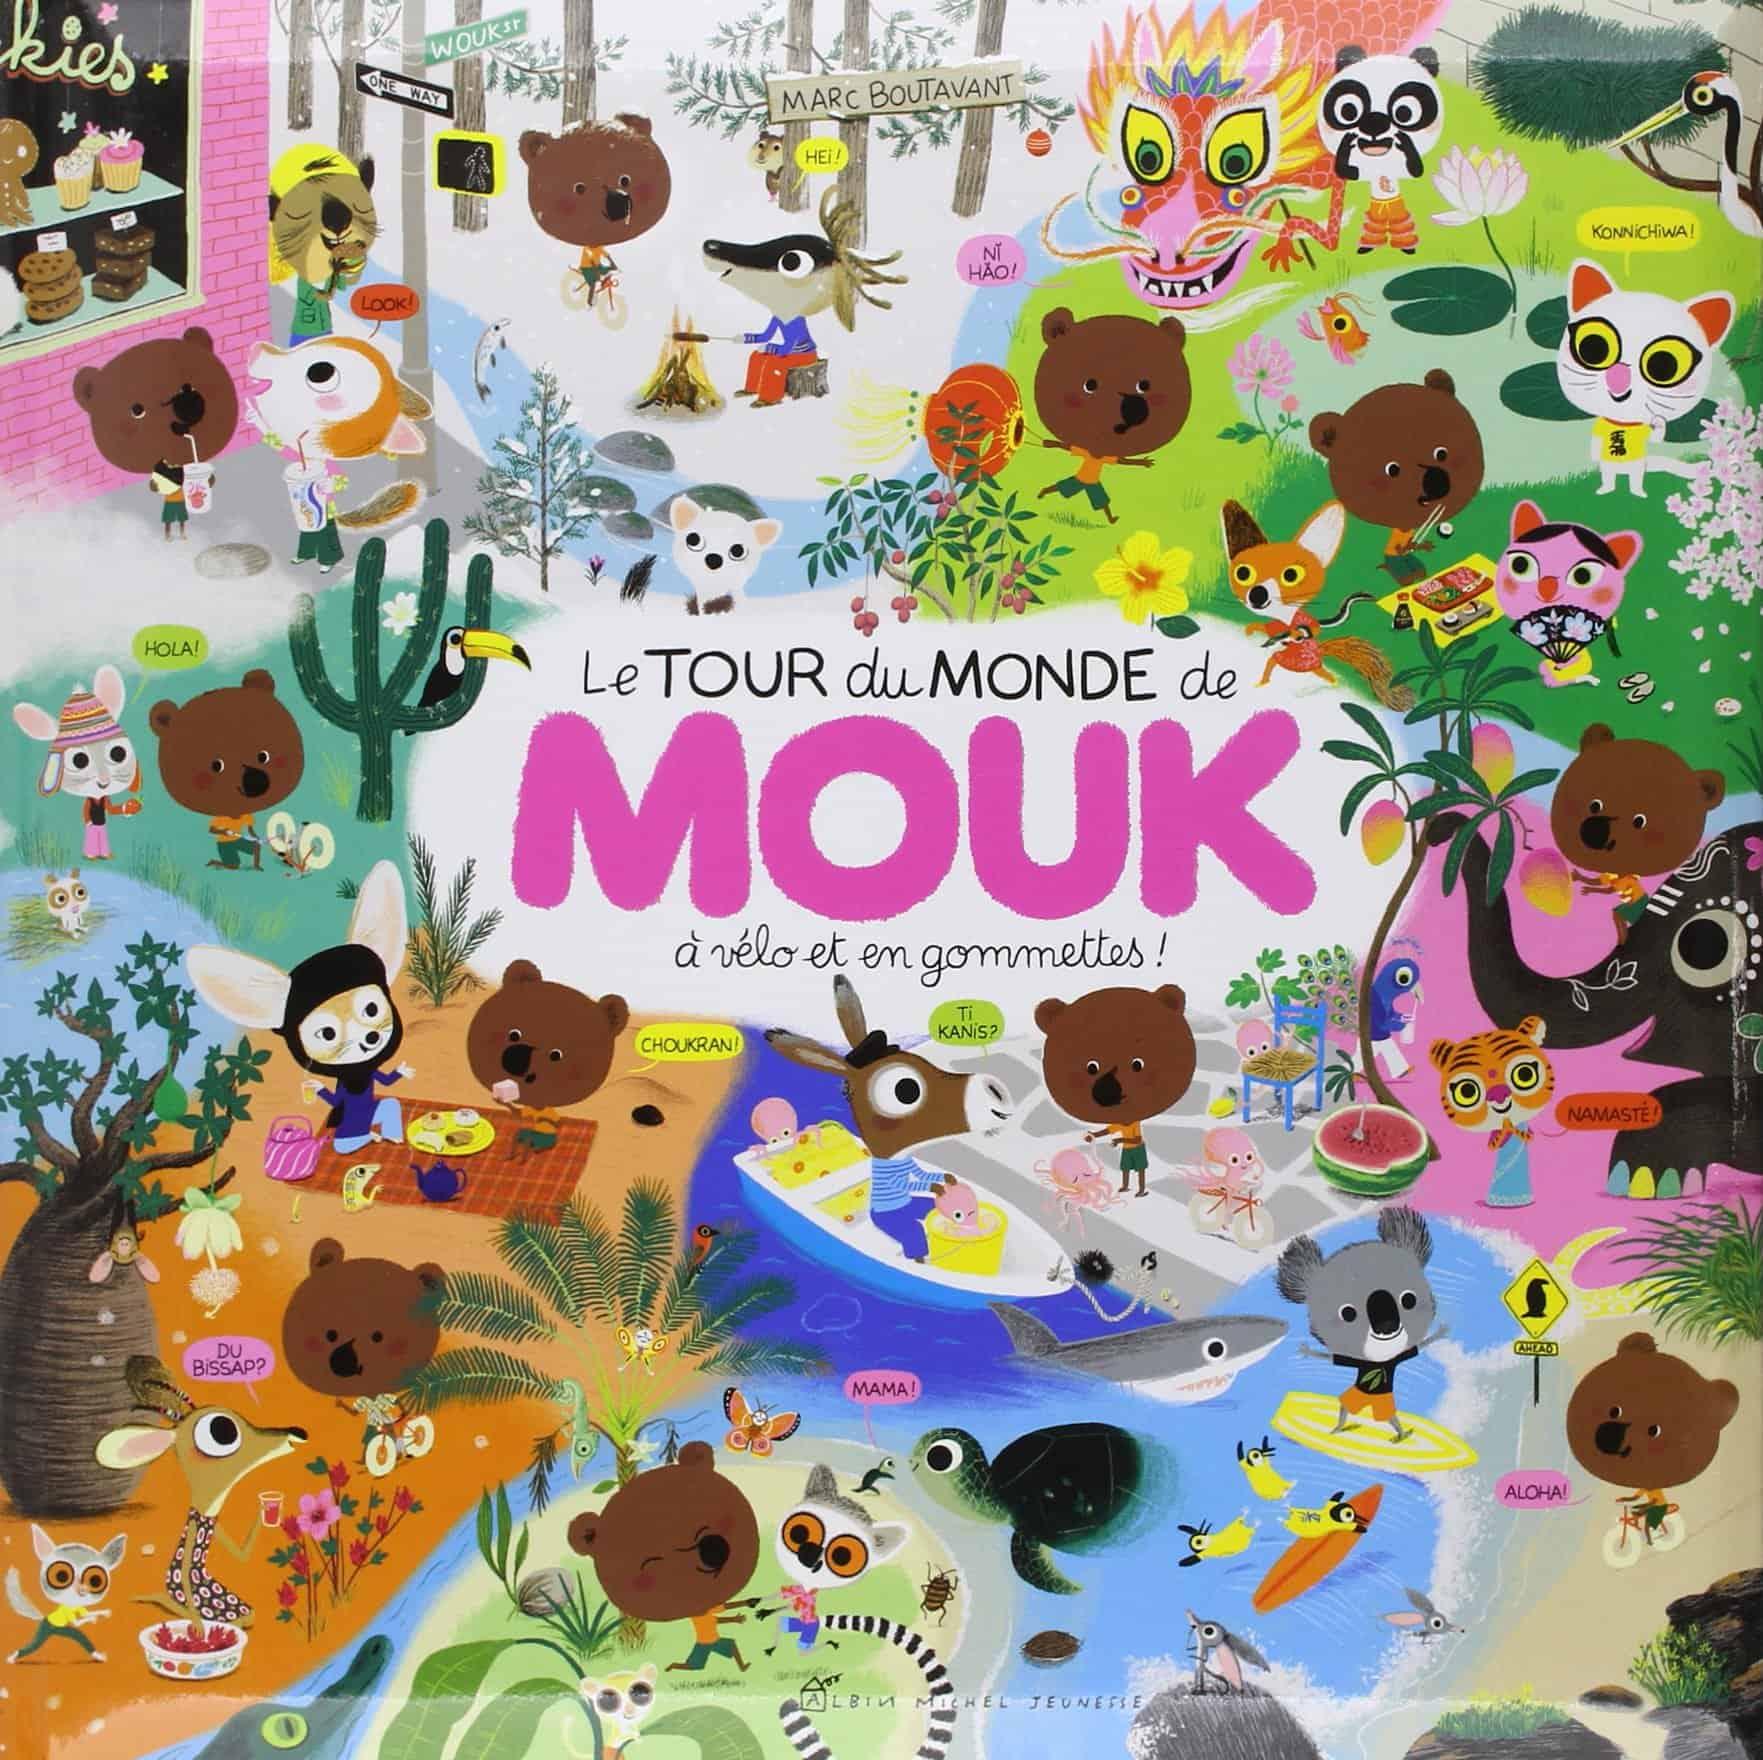 tour-du-monde-mouk-livre-3-ans